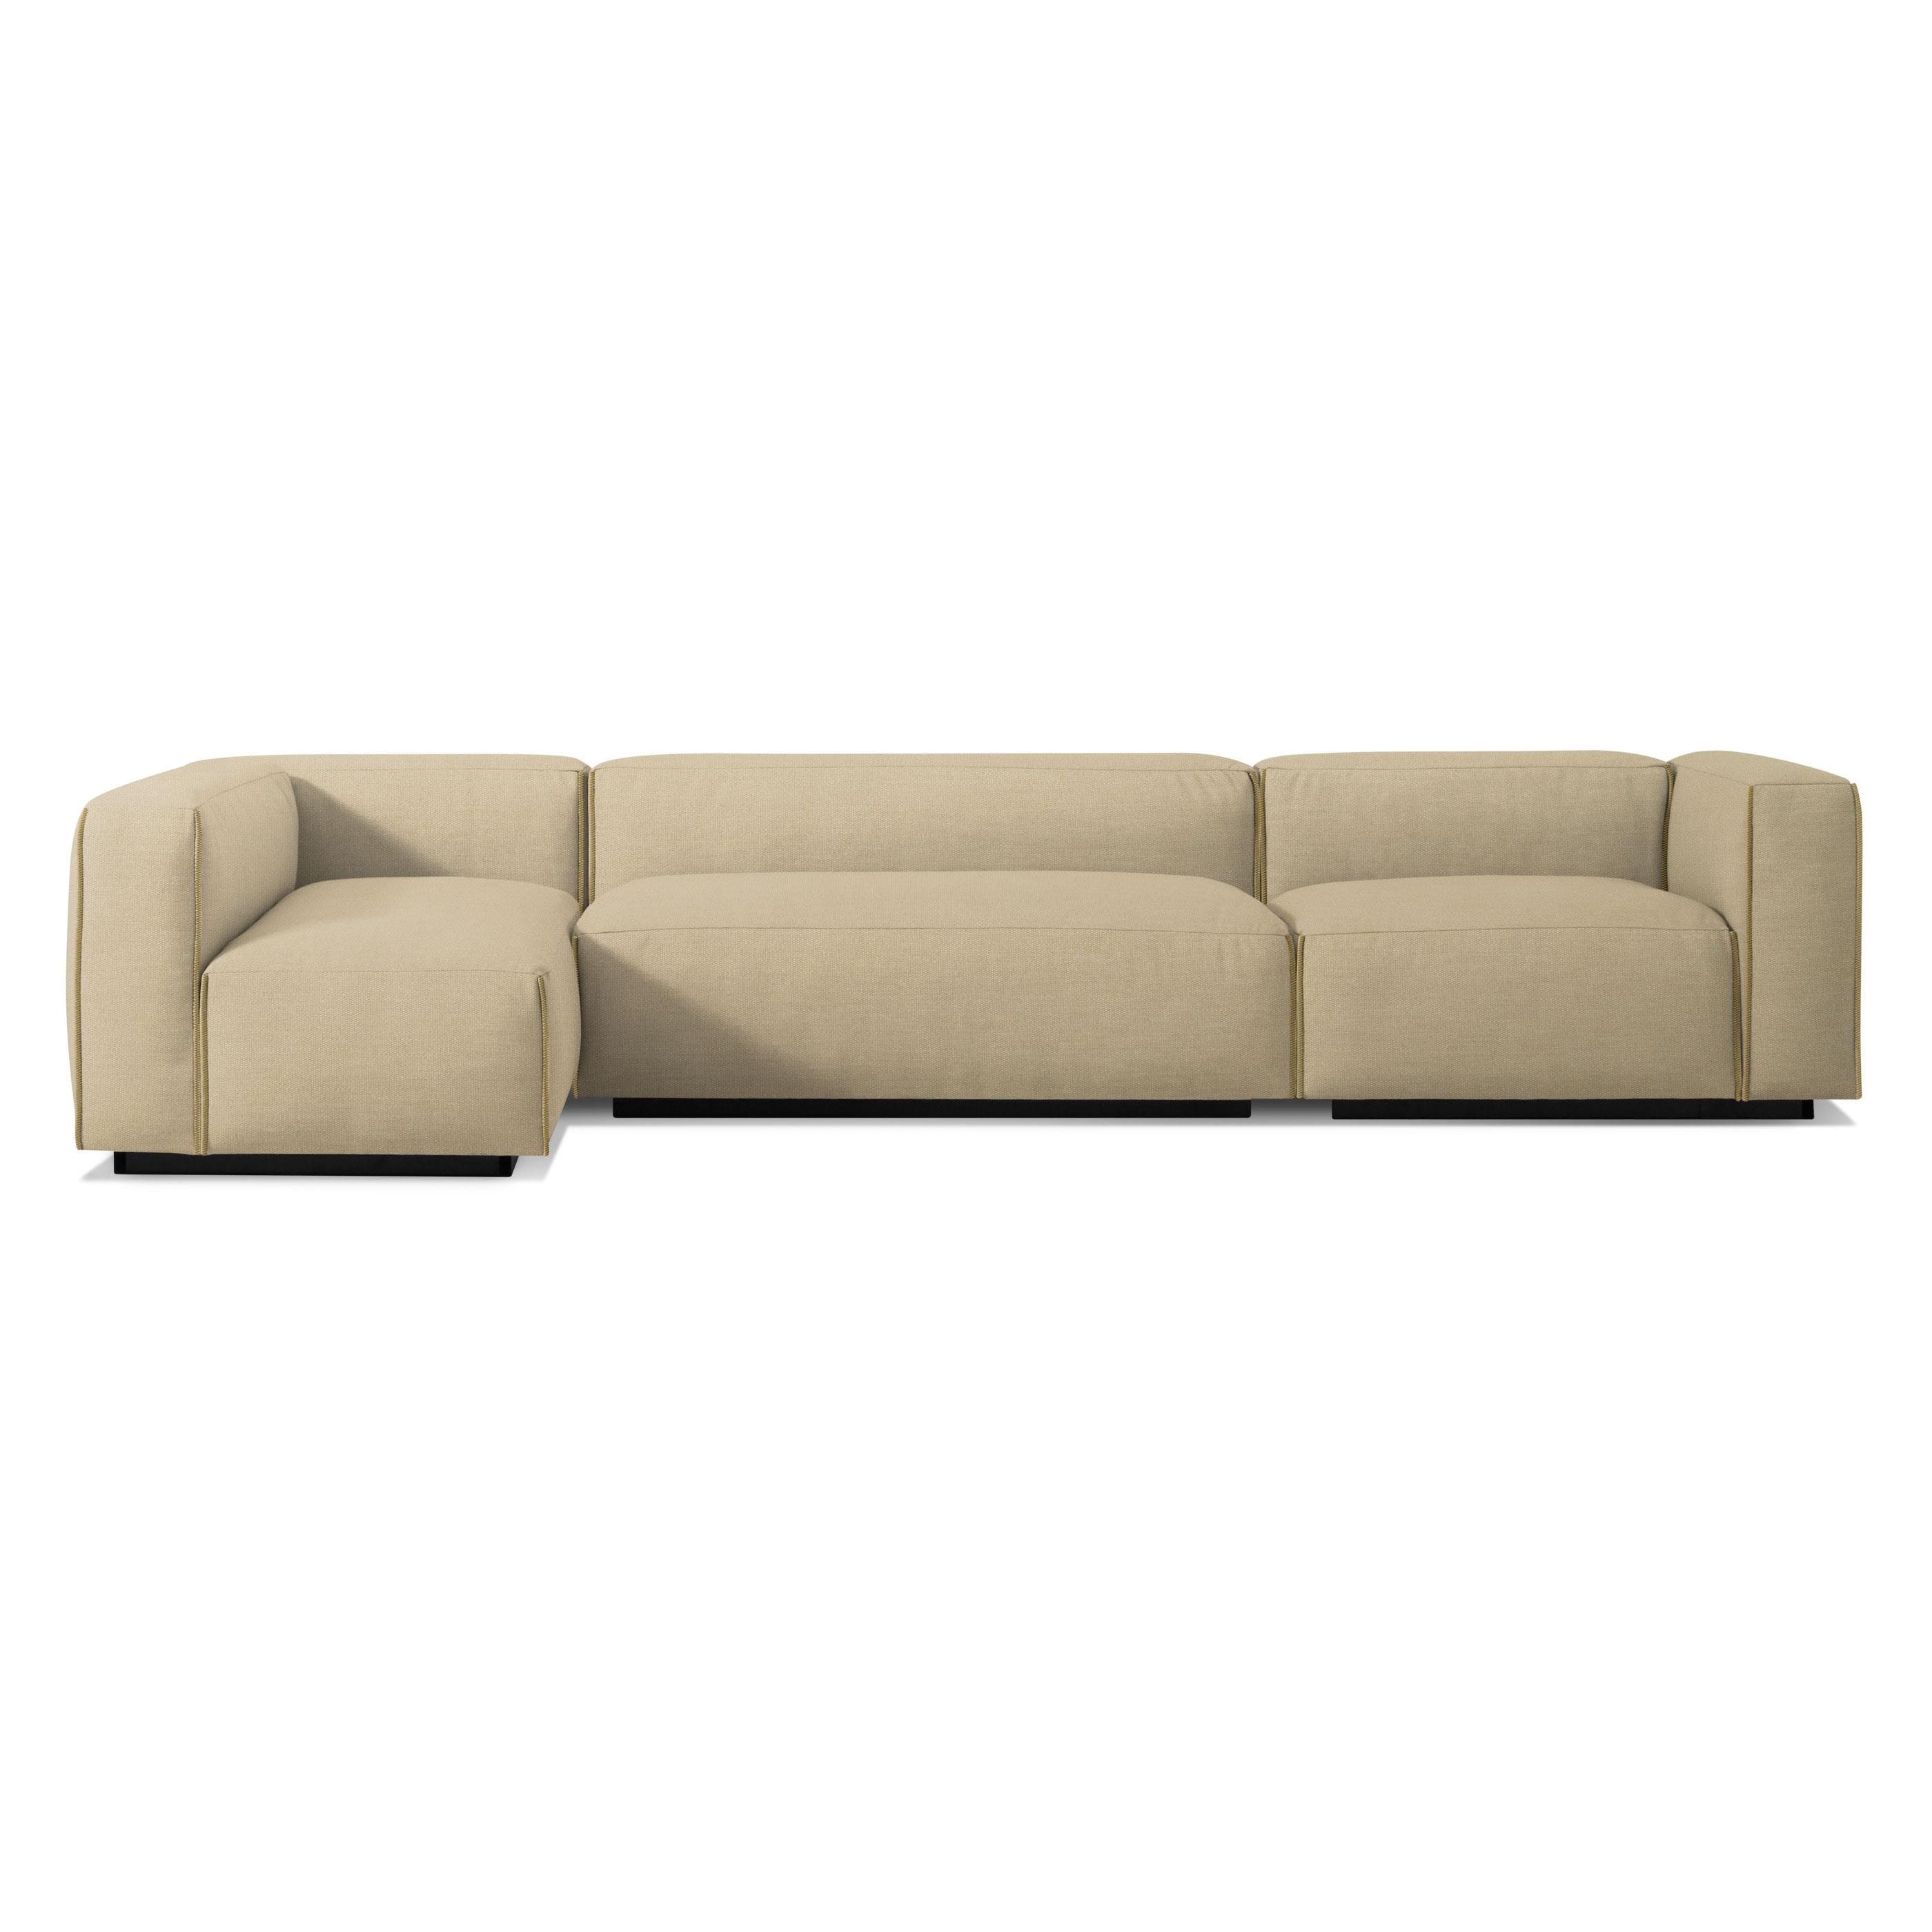 2018 Nova Scotia Sectional Sofas For Cleon Medium+ Sectional Sofa – Modern Sofas And Sectionals (View 10 of 20)